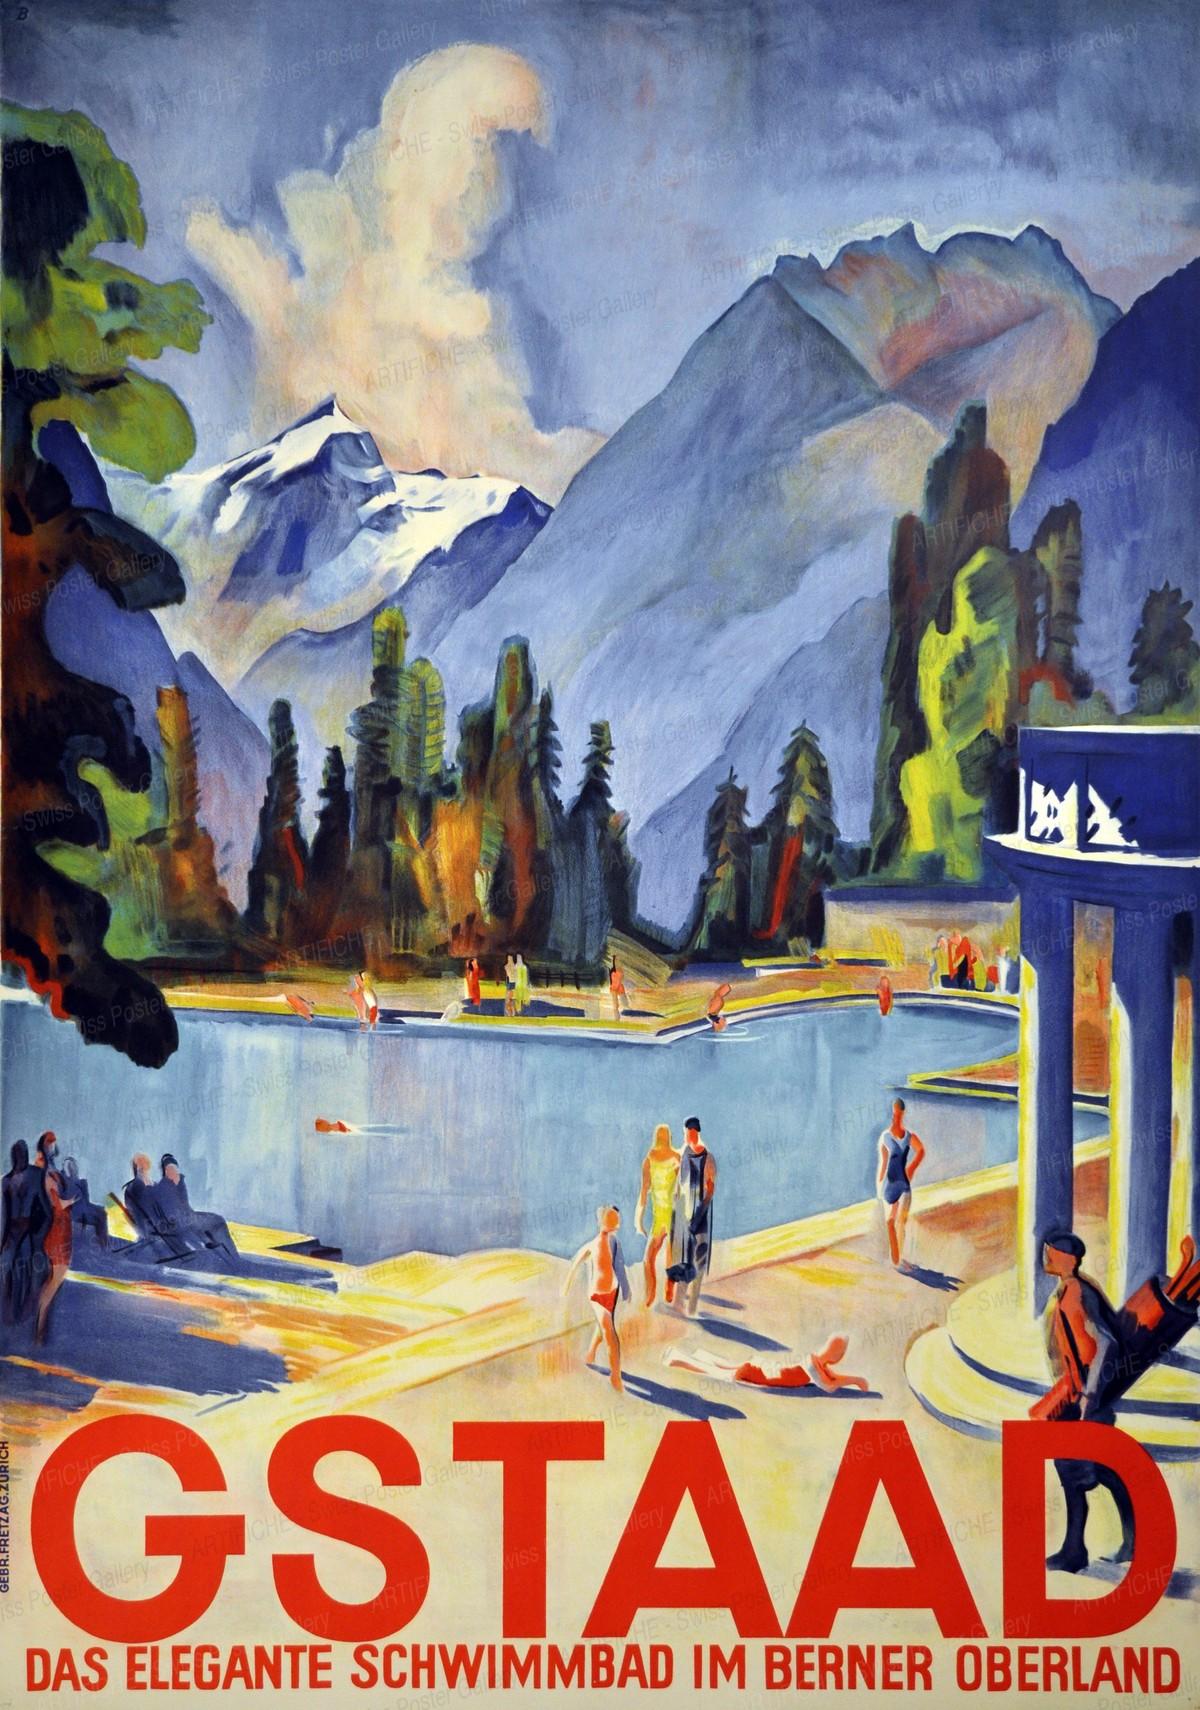 GSTAAD – Das elegante Schwimmbad im Berner Oberland, Otto Baumberger